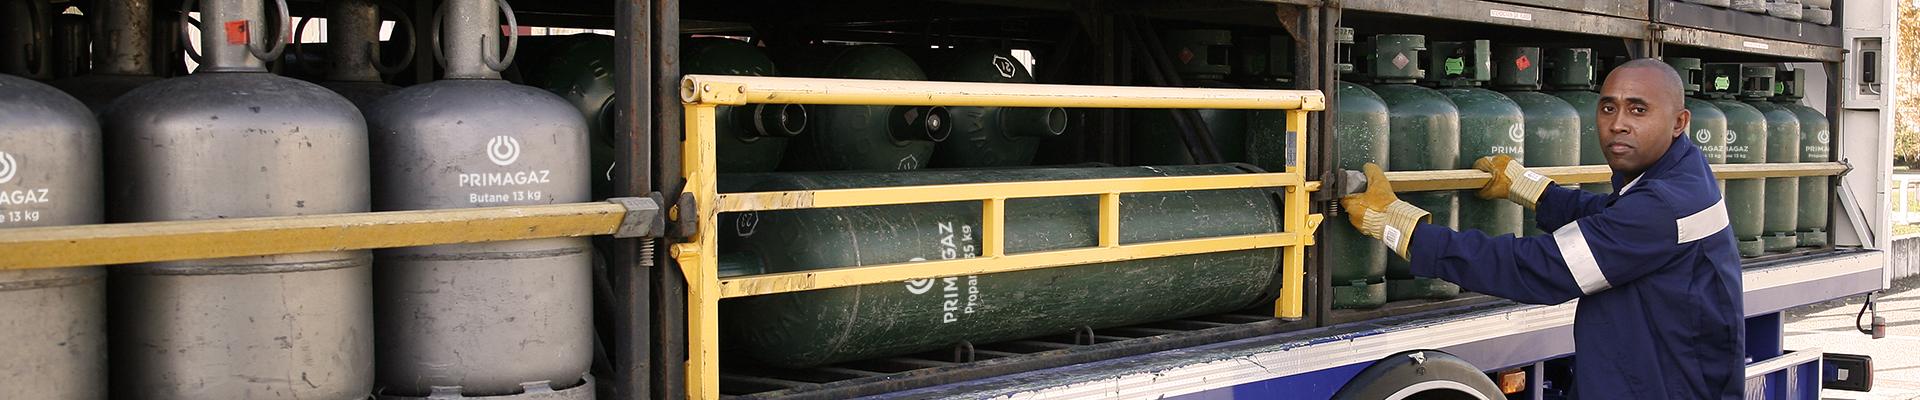 Distribution bouteilles Primagaz